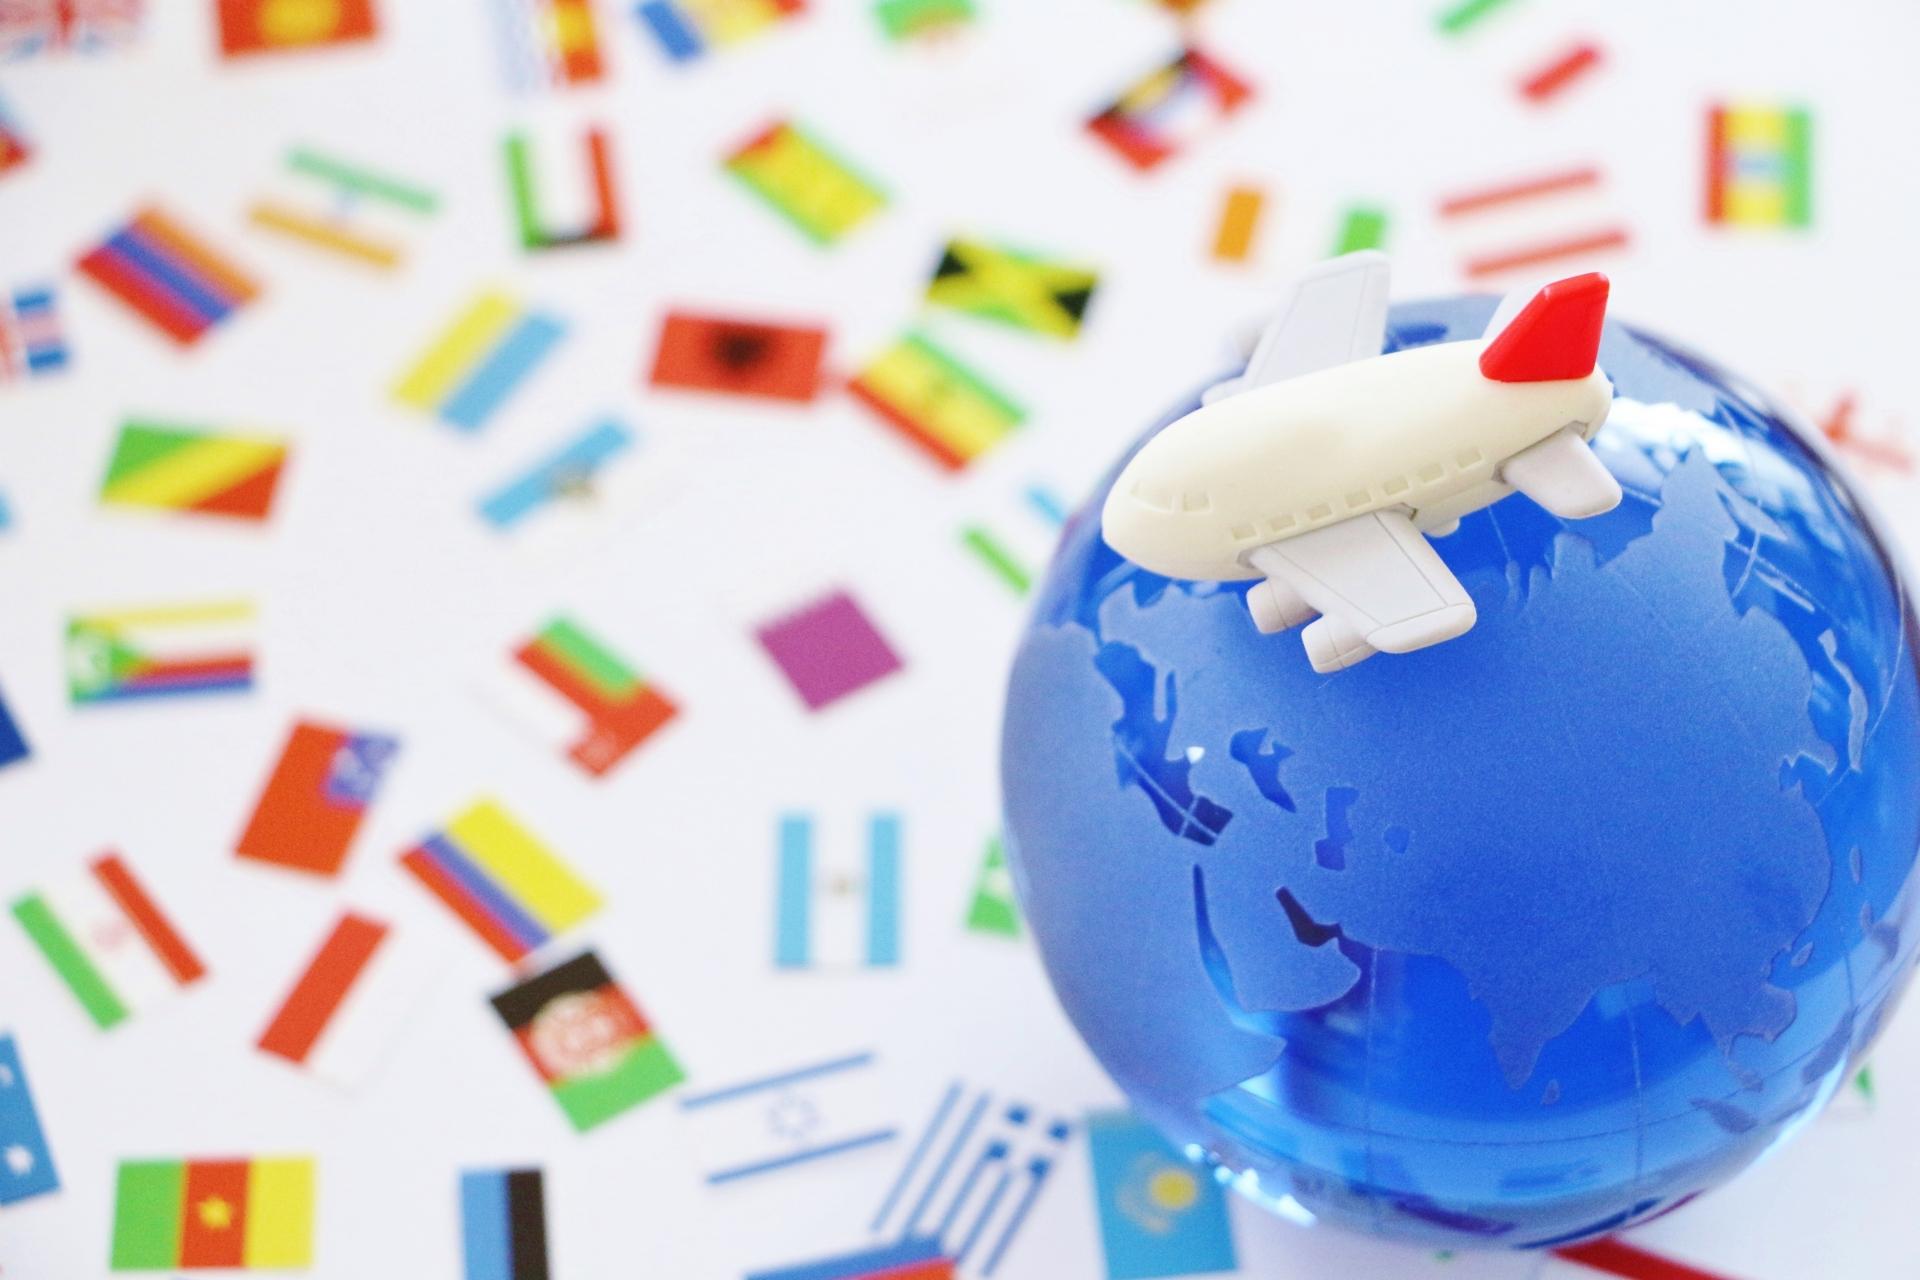 【配送のお知らせ】G20開催による関西地域の配送について